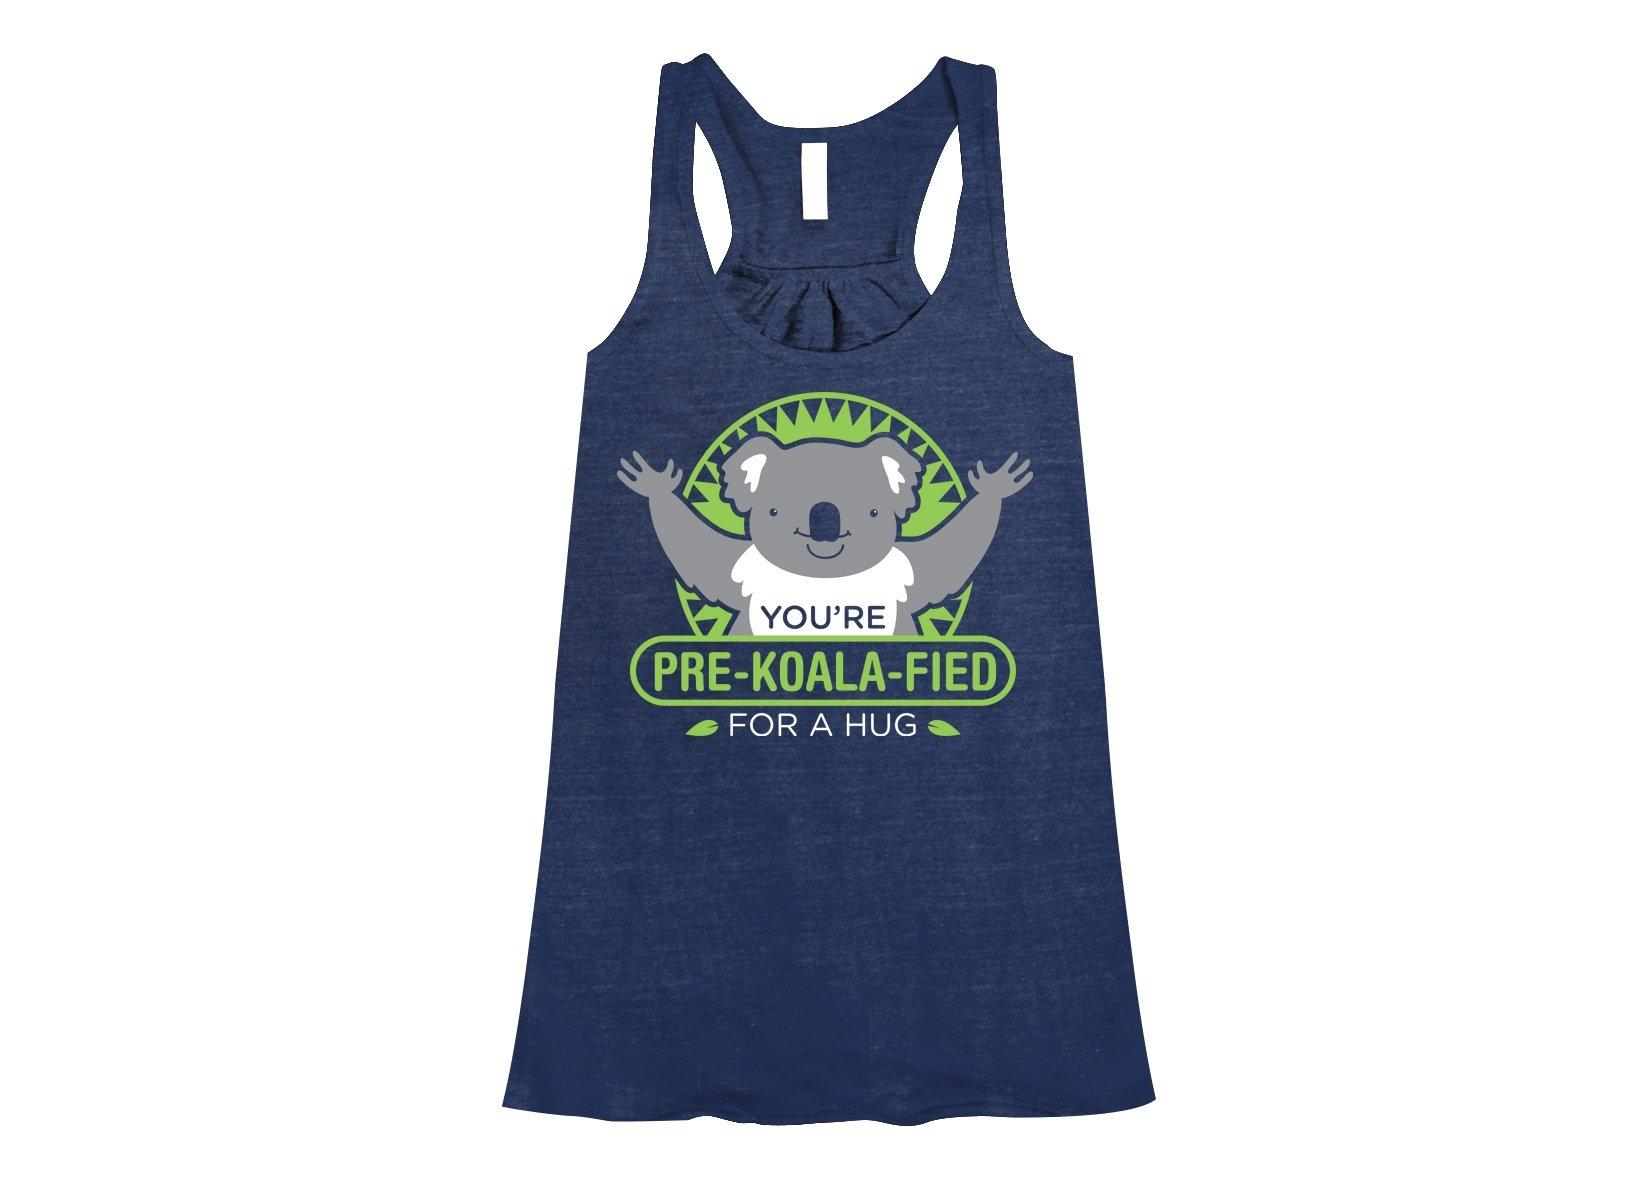 You're Pre-Koala-Fied For A Hug on Womens Tanks T-Shirt